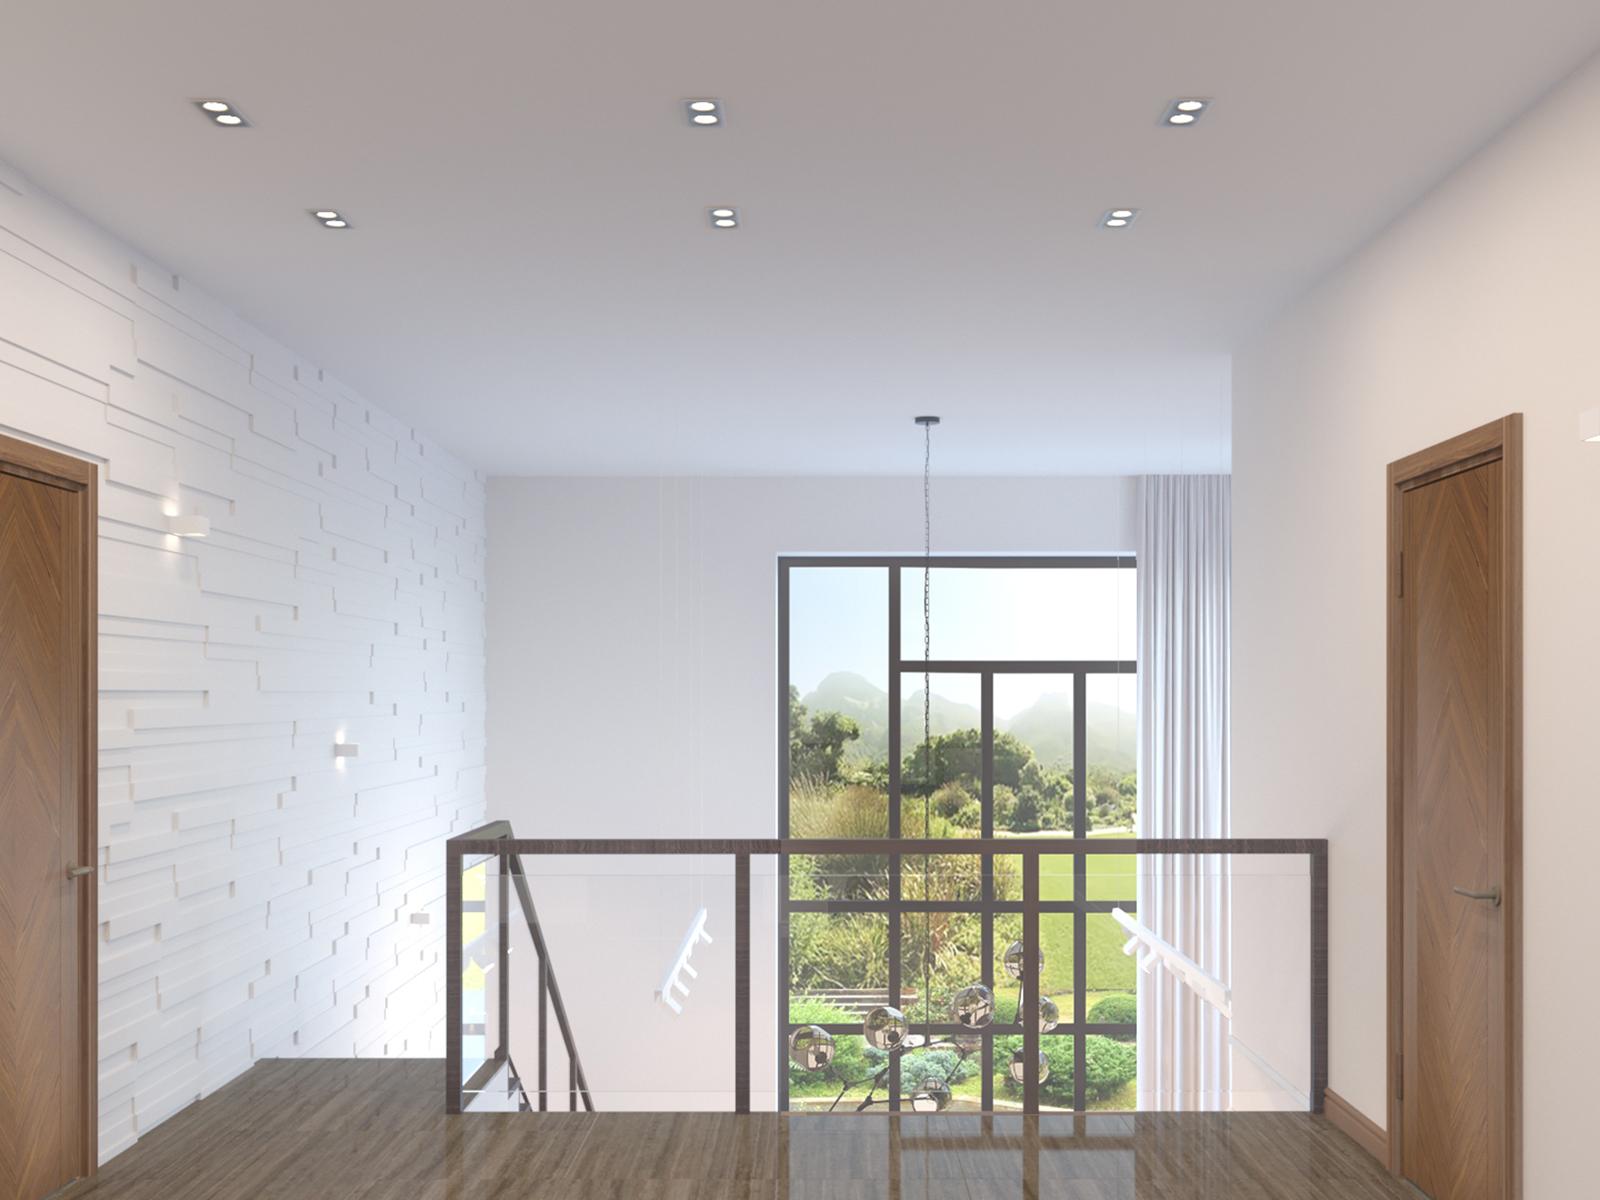 Дизайн-проект интерьера дома в стиле Контемпорари. г. Сочи